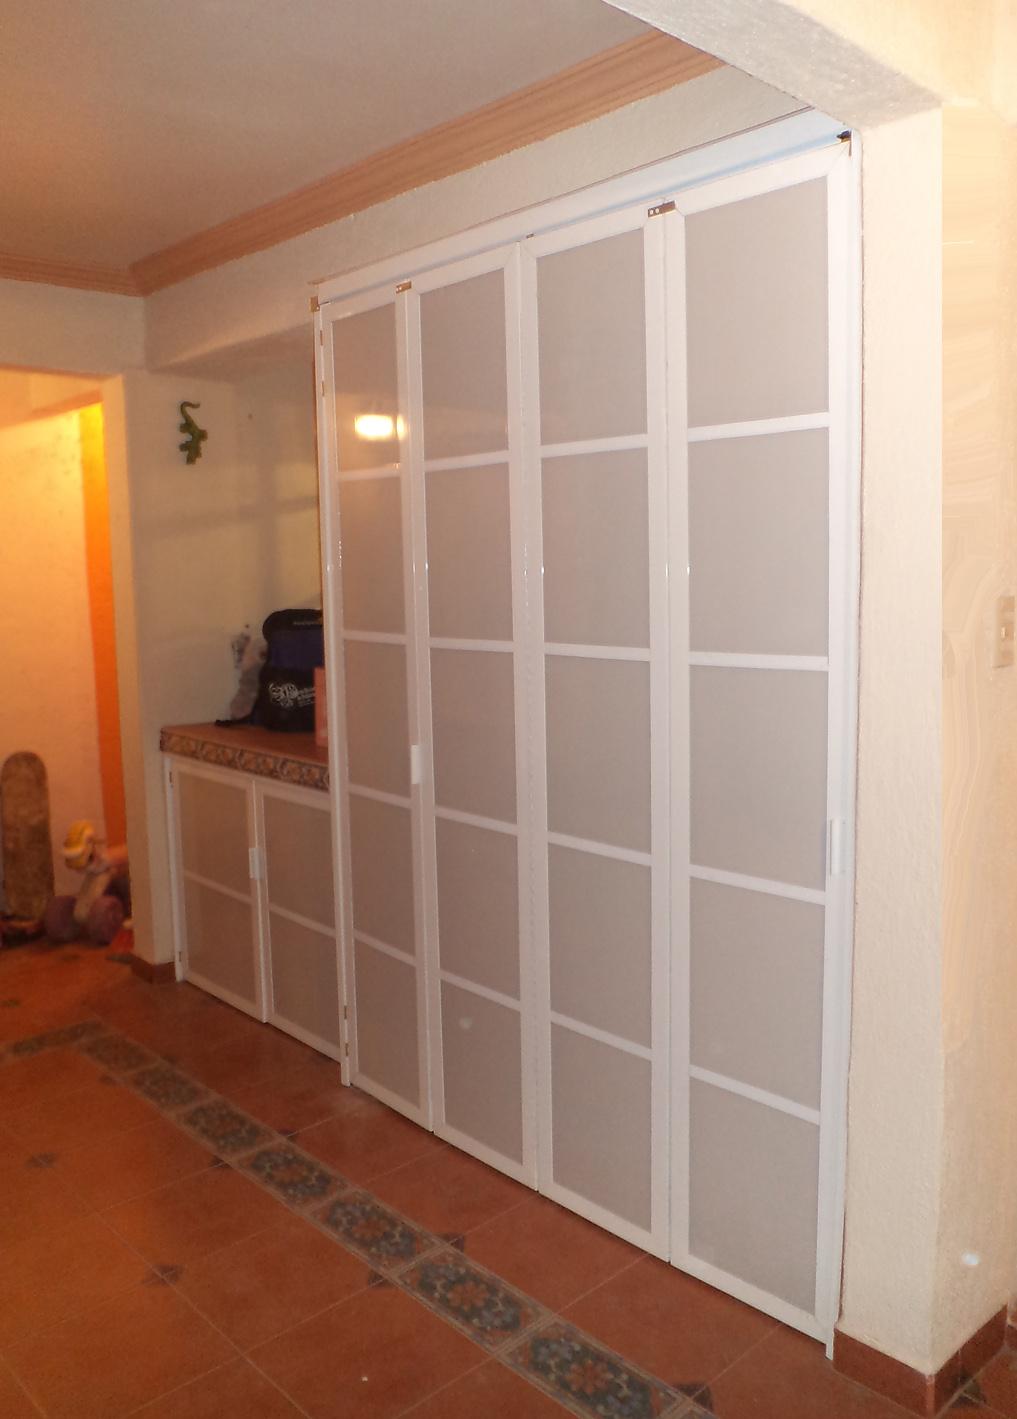 Puertas corredizas de aluminio y policarbonato para cuarto for Puertas de aluminio para habitaciones